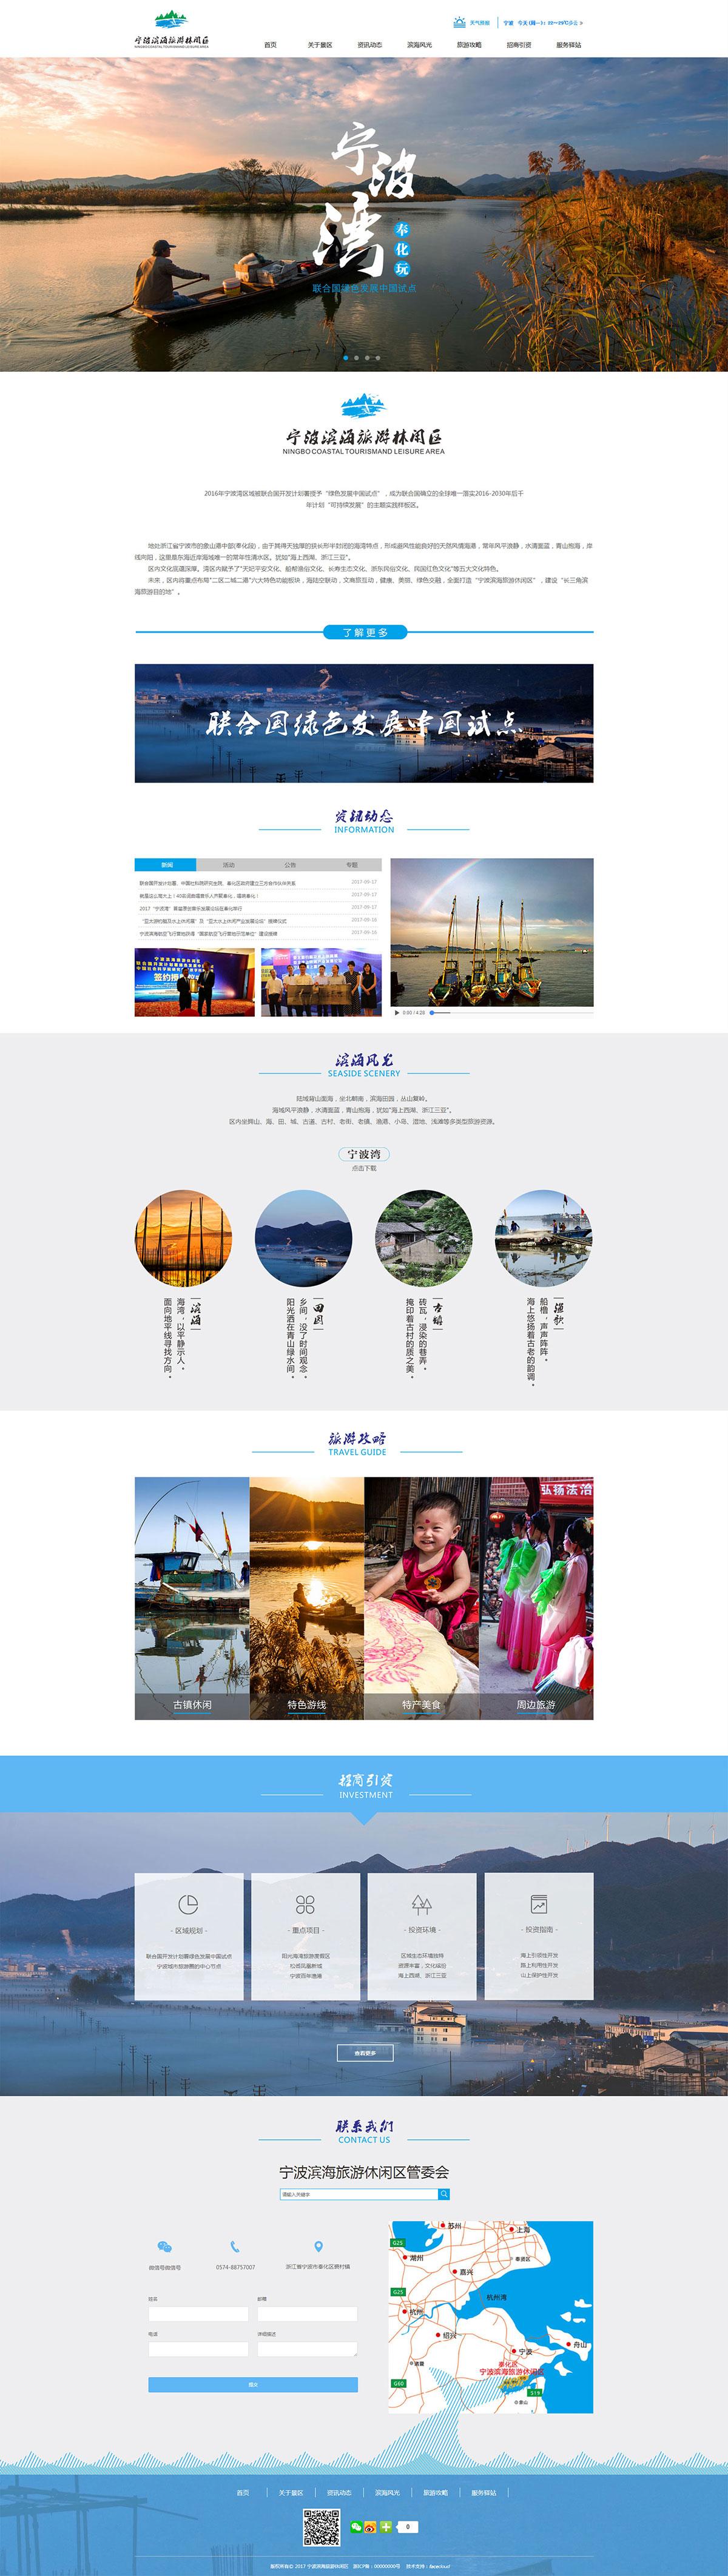 宁波滨海旅游休闲区_首页